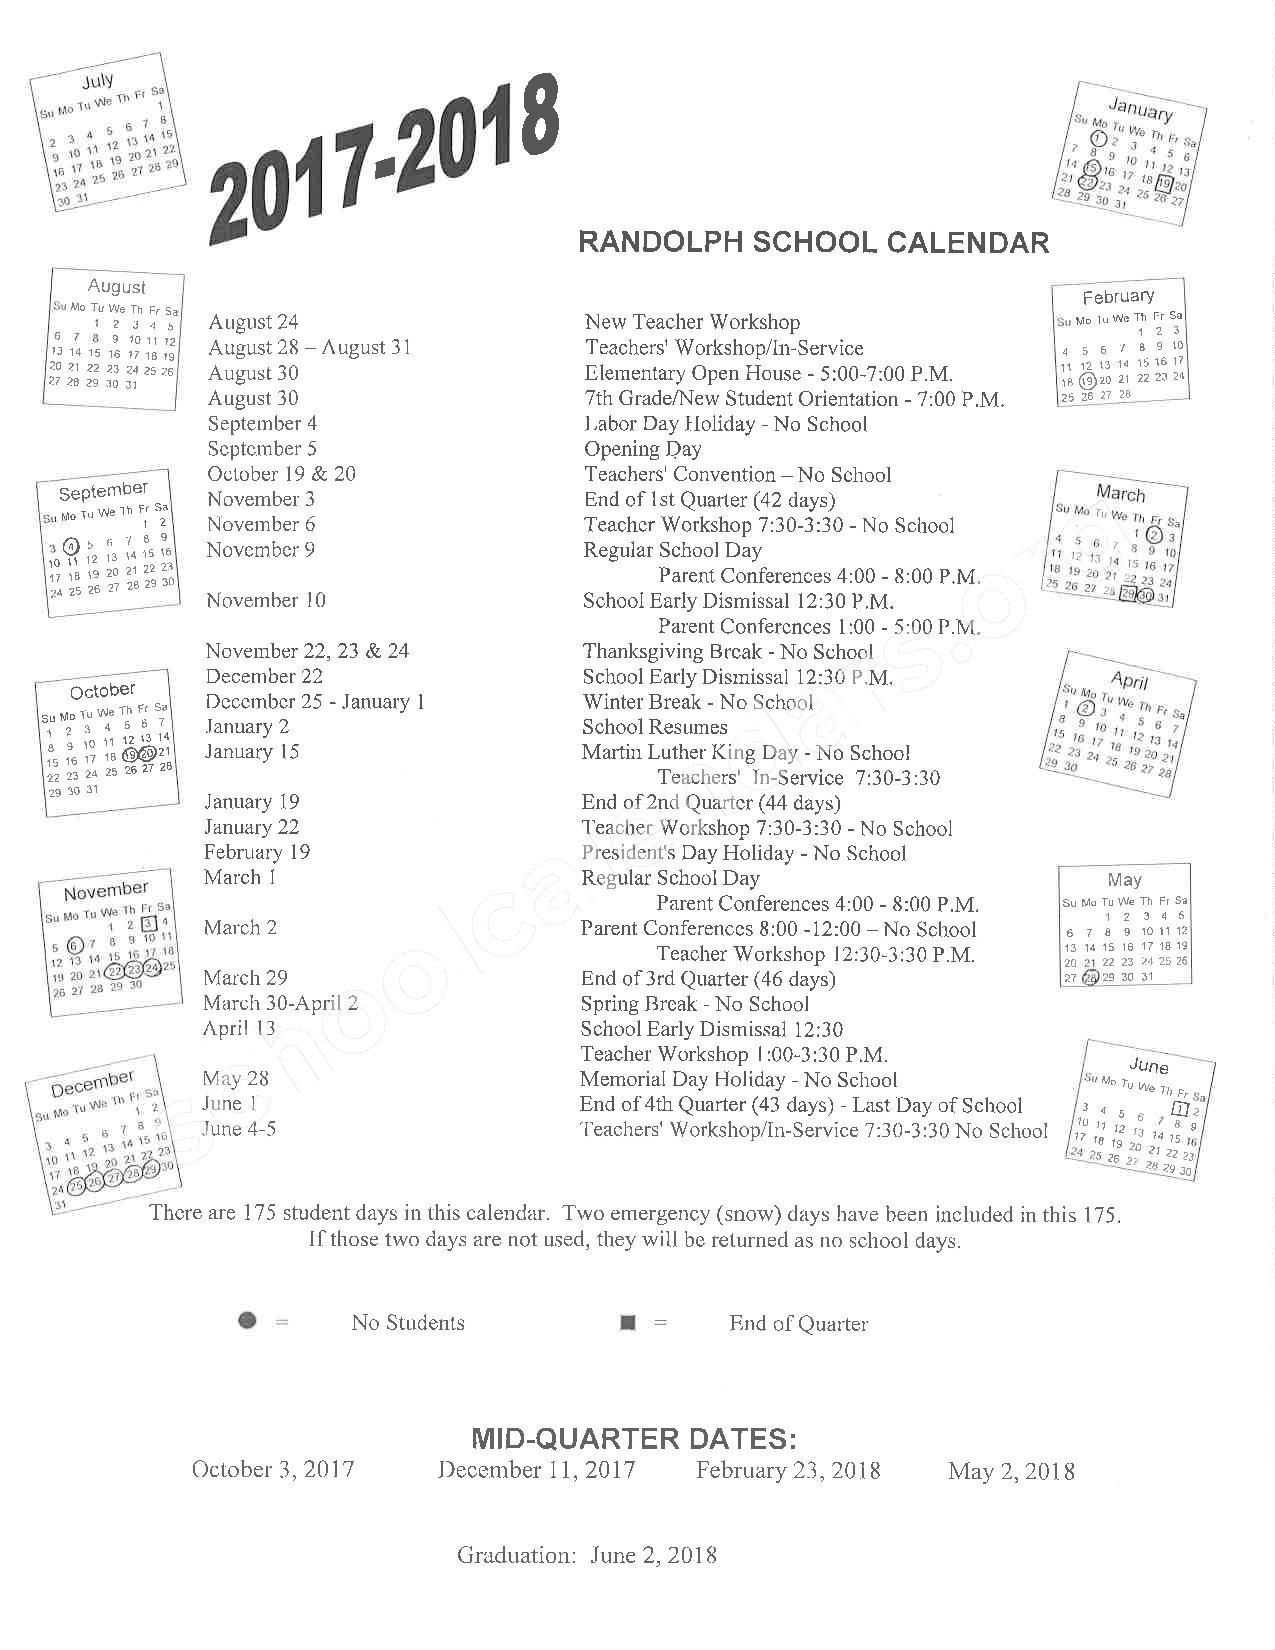 2017 - 2018 School Calendar – Randolph Public School District – page 1